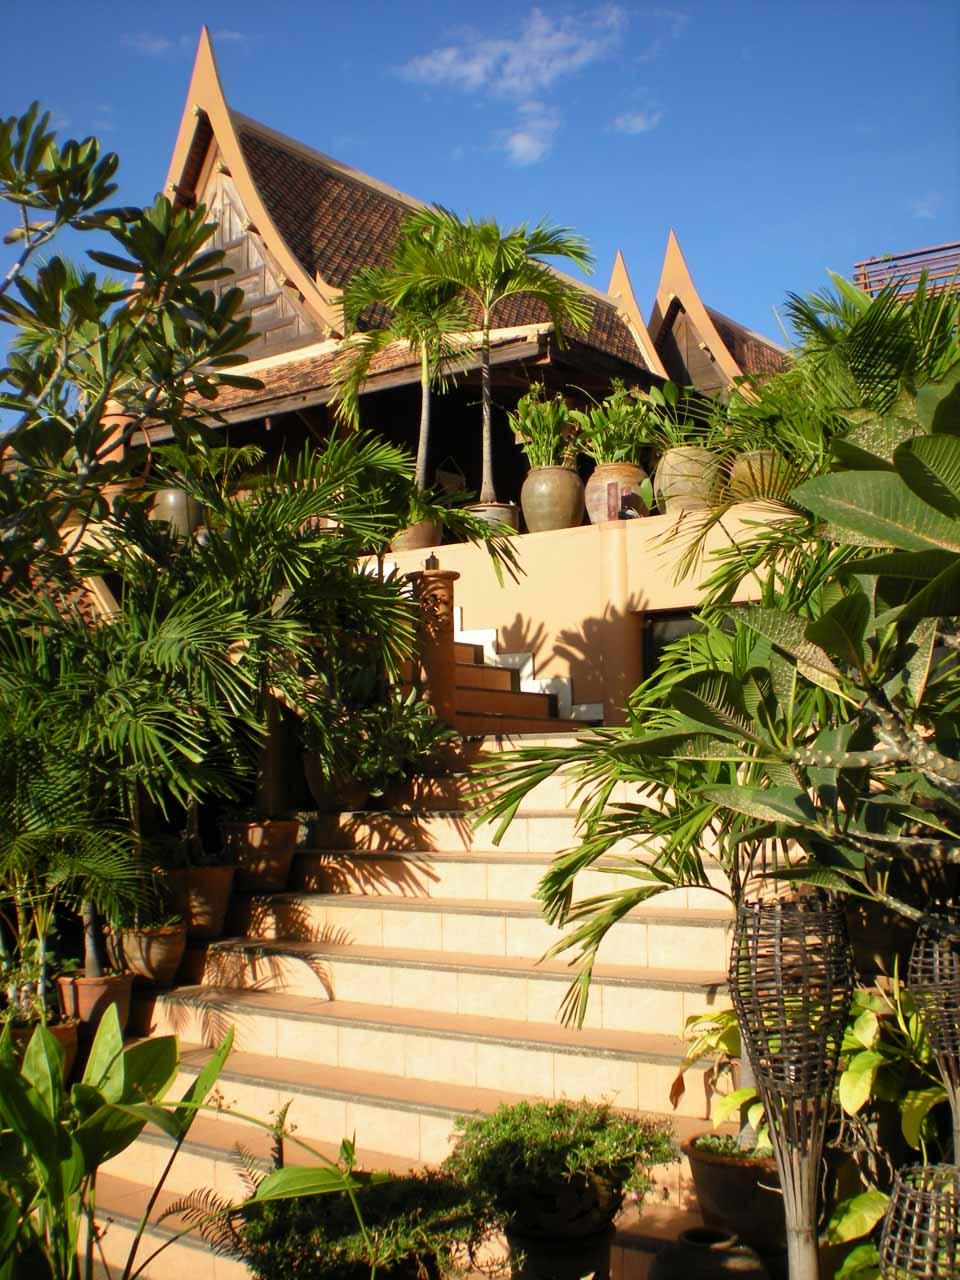 The Ruean Thai Hotel